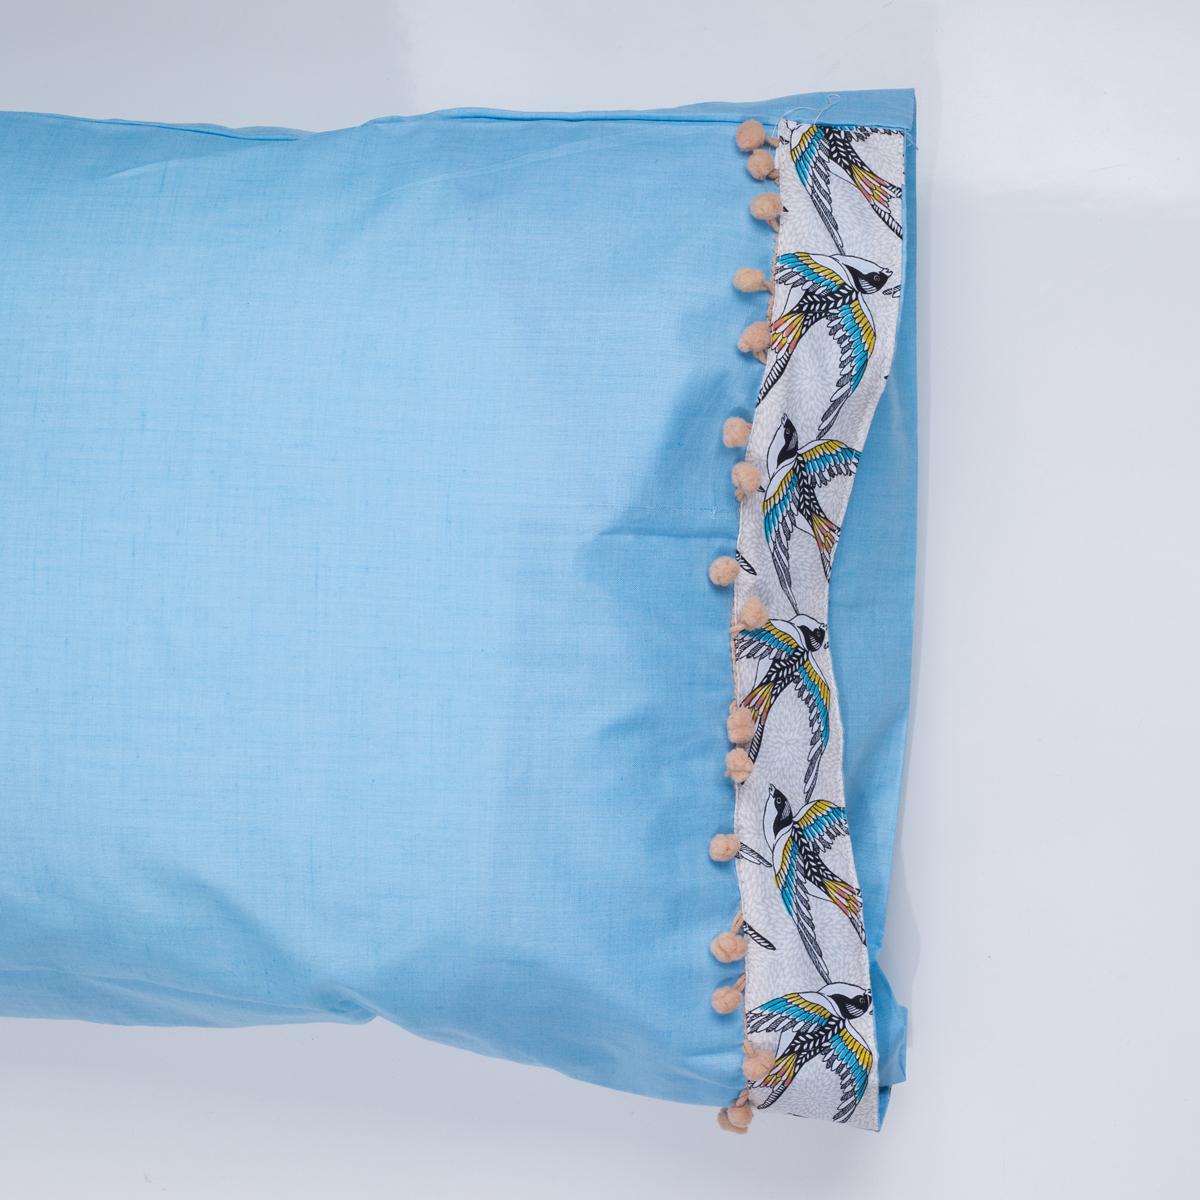 Ζεύγος Μαξιλαροθήκες White Fabric Swallow Blue